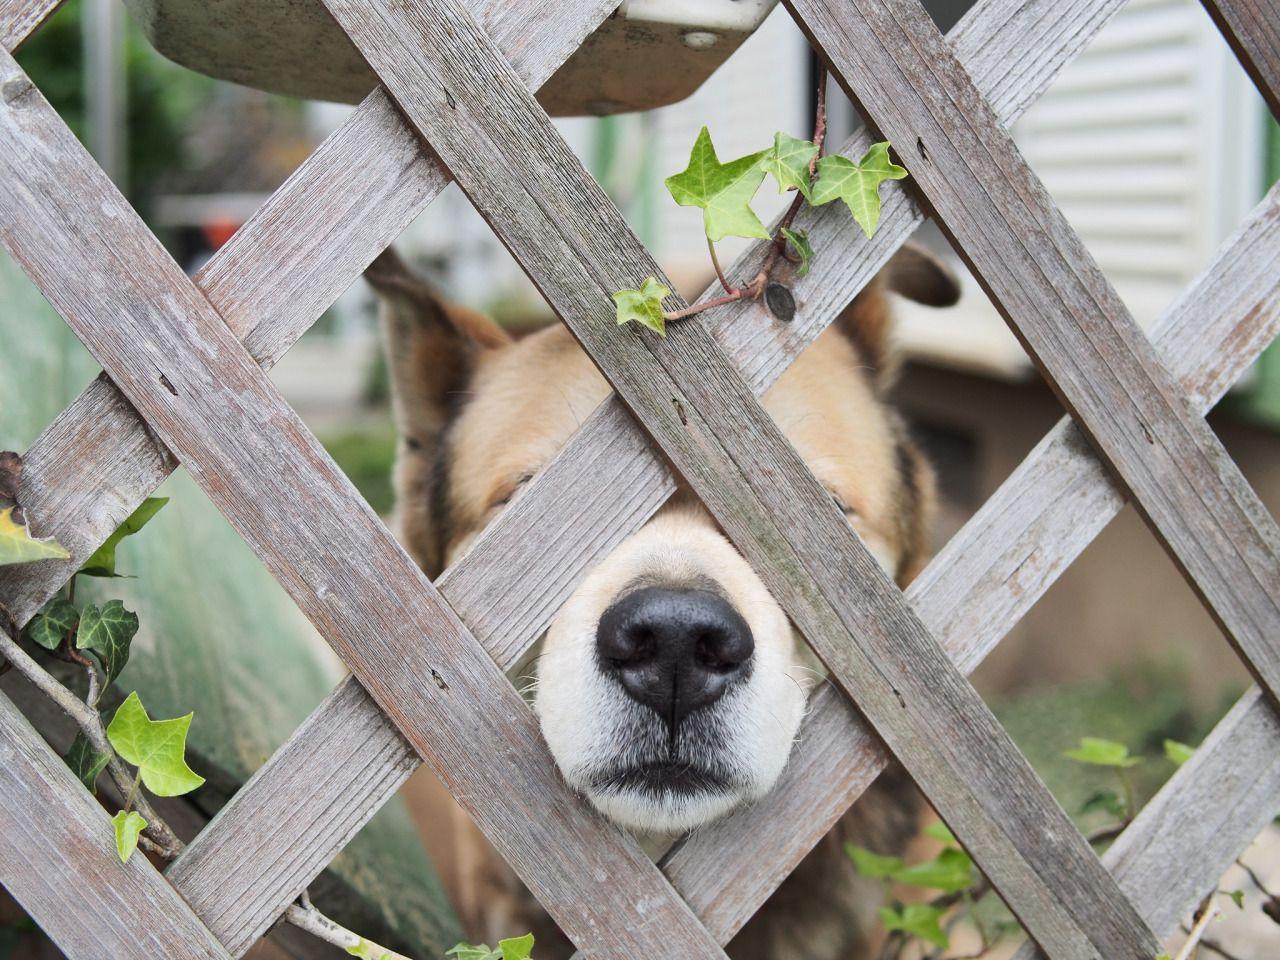 Hunde Bilder Mit Lustigen Sprüchen - Hunde Bilder Mit Lustigen Sprüchen